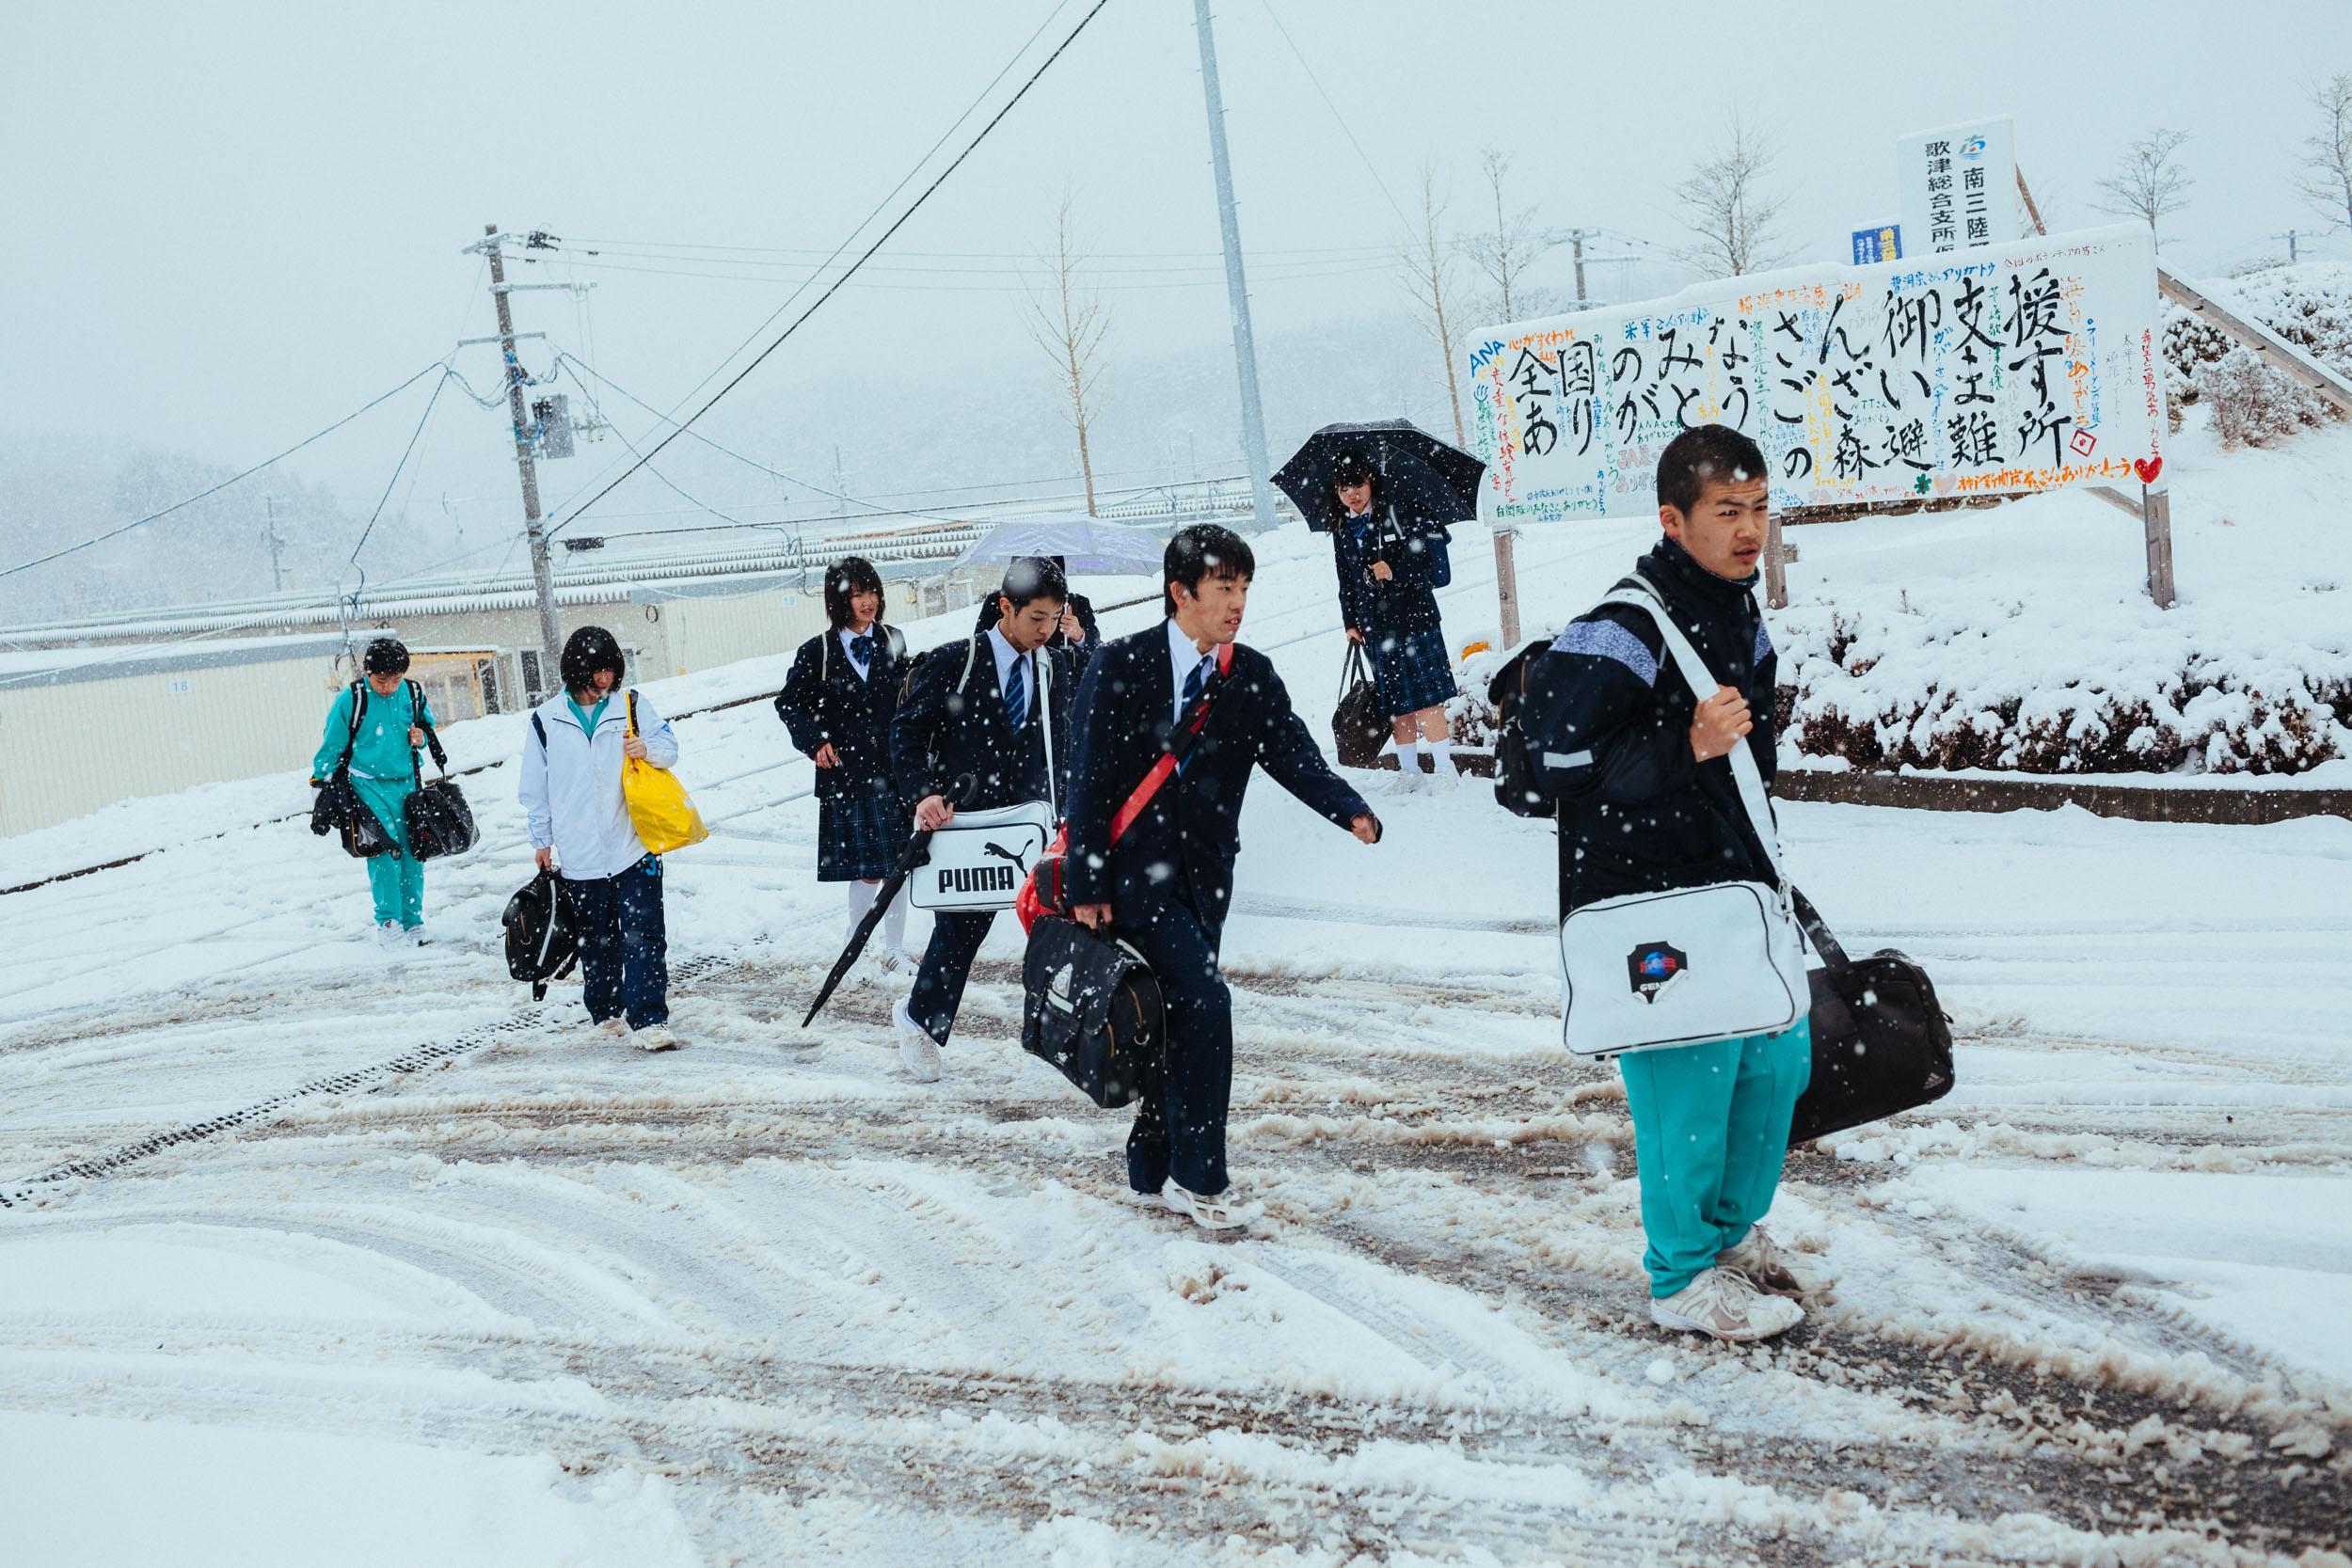 2012_03_05_Japan_0031.jpg